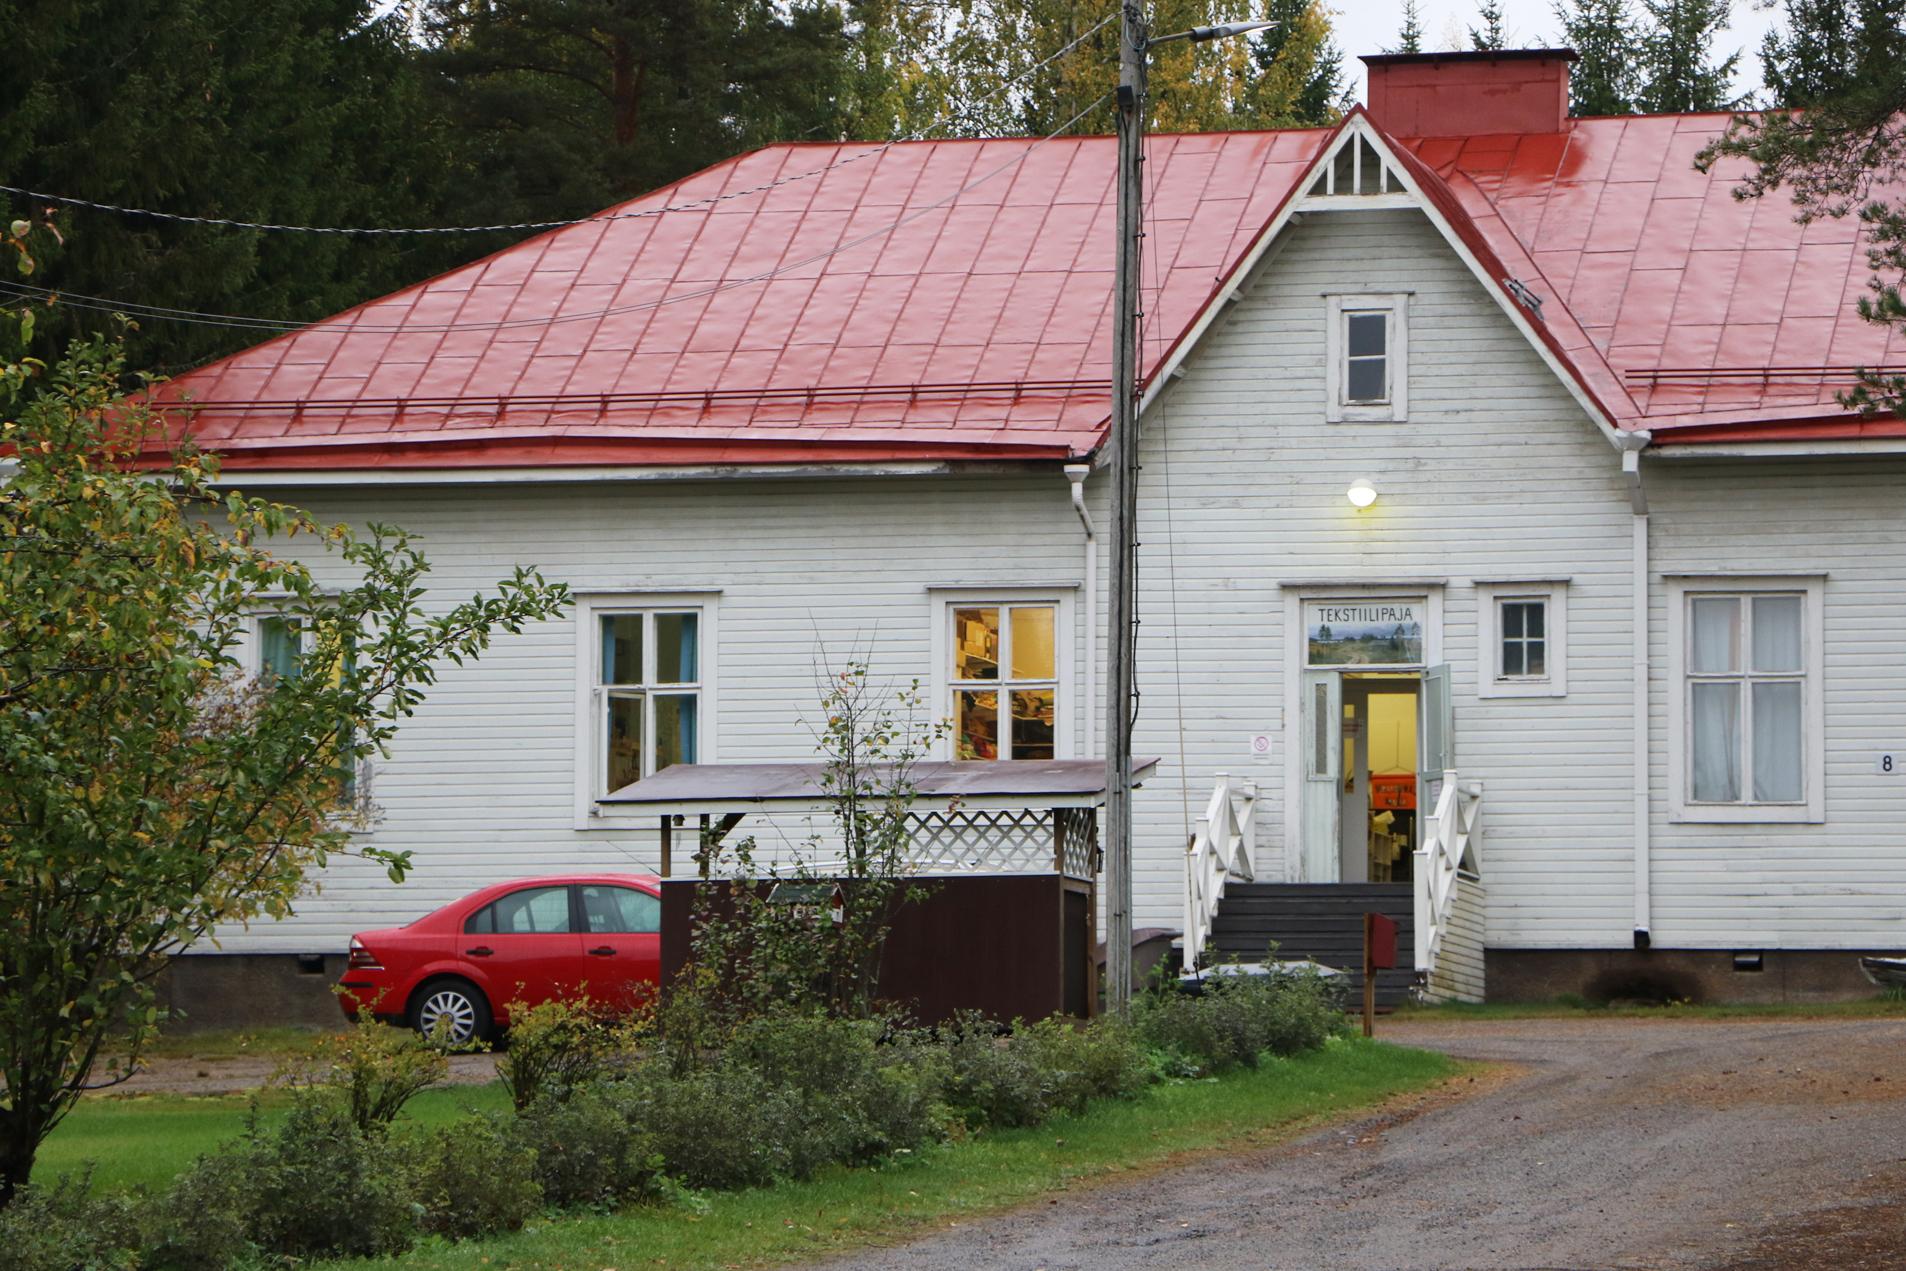 Pajojen toimitilat sijaitsevat Pikonlinnassa Rekolantiellä sekä Aakkulantiellä Suoramalla.